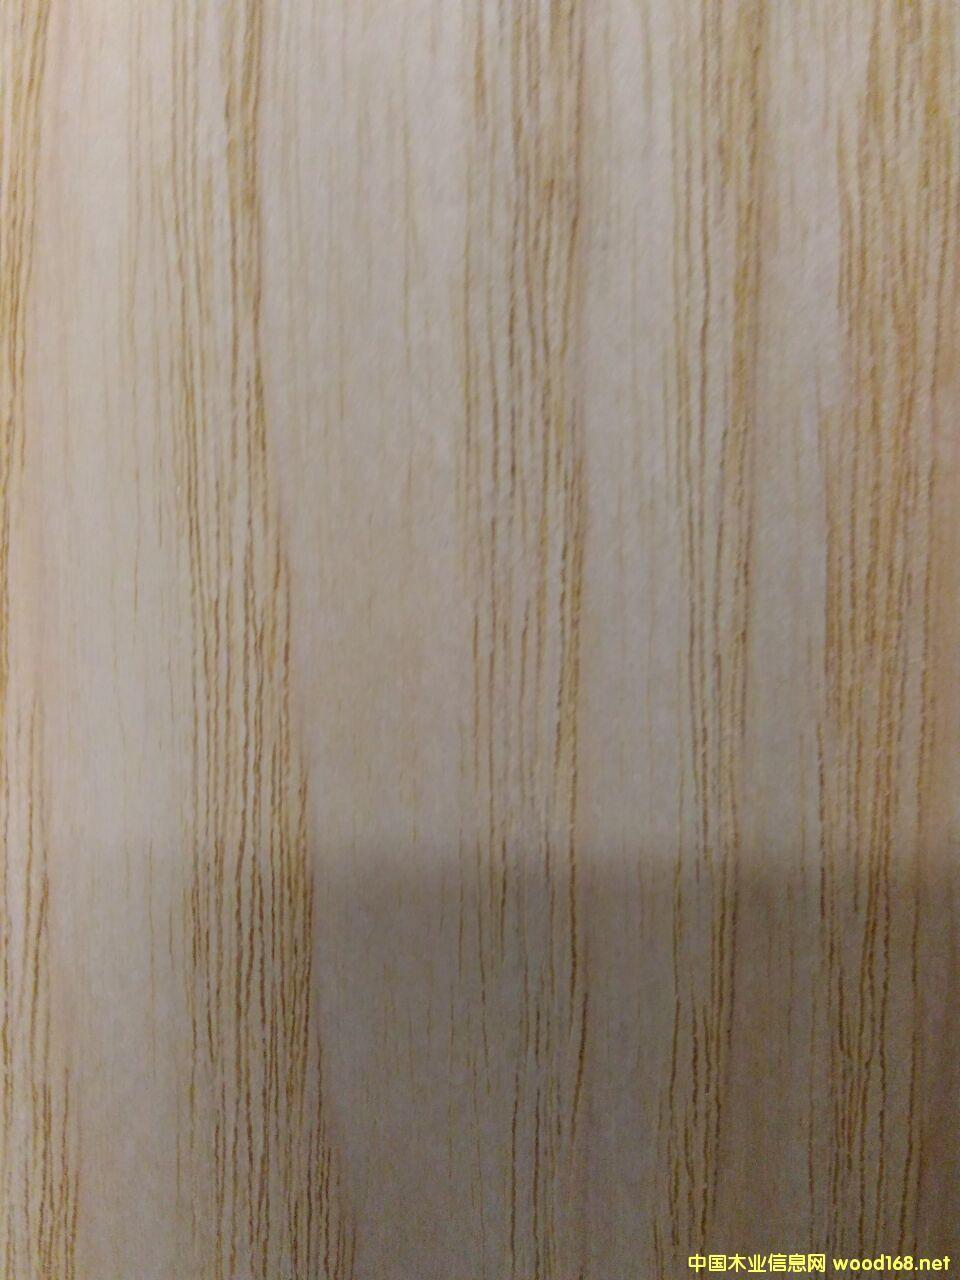 [供] 美国白蜡木板材